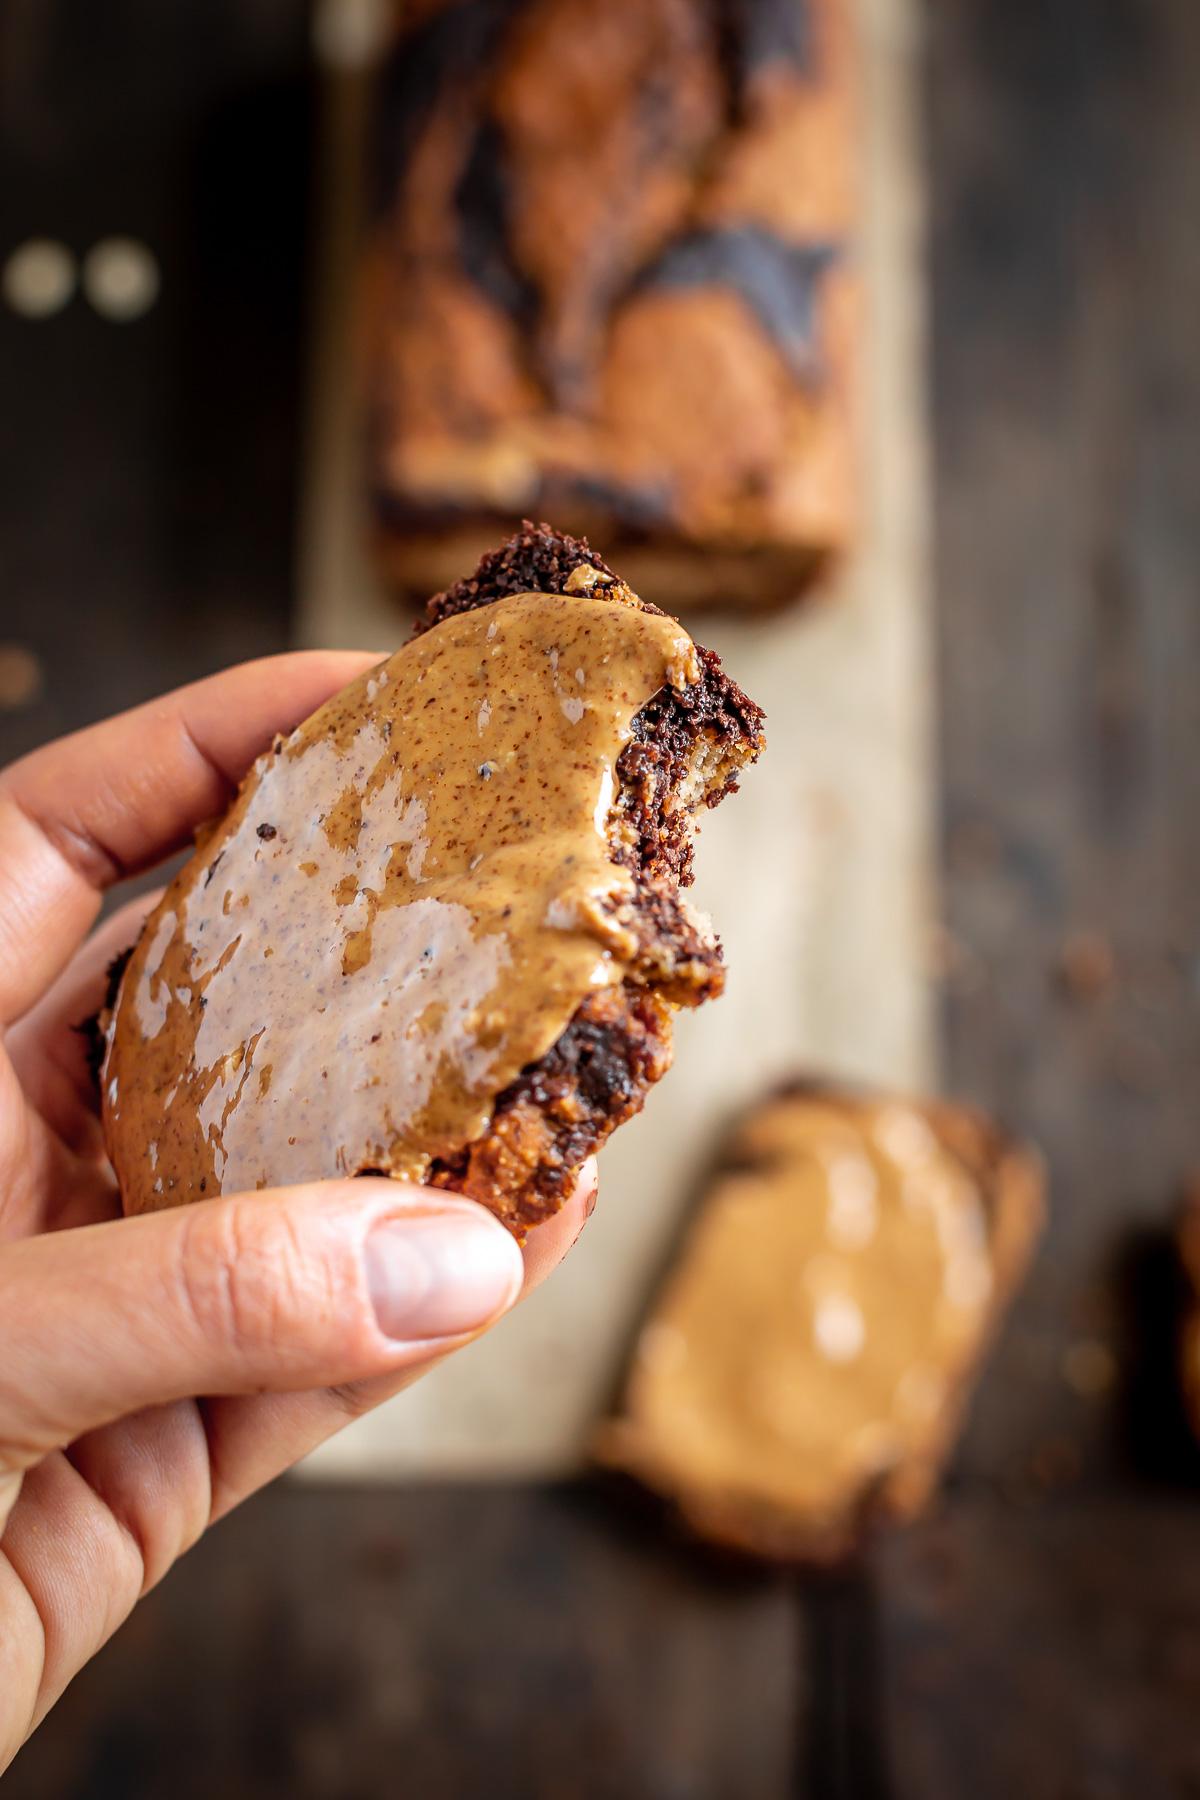 ricetta BANANA BREAD VEGAN SENZA GLUTINE MARMORIZZATO variegato al CACAO con avena e mandorle senza zucchero VEGAN GLUTEN FREE MARBLED BANANA BREAD with almonds oats maple syrup